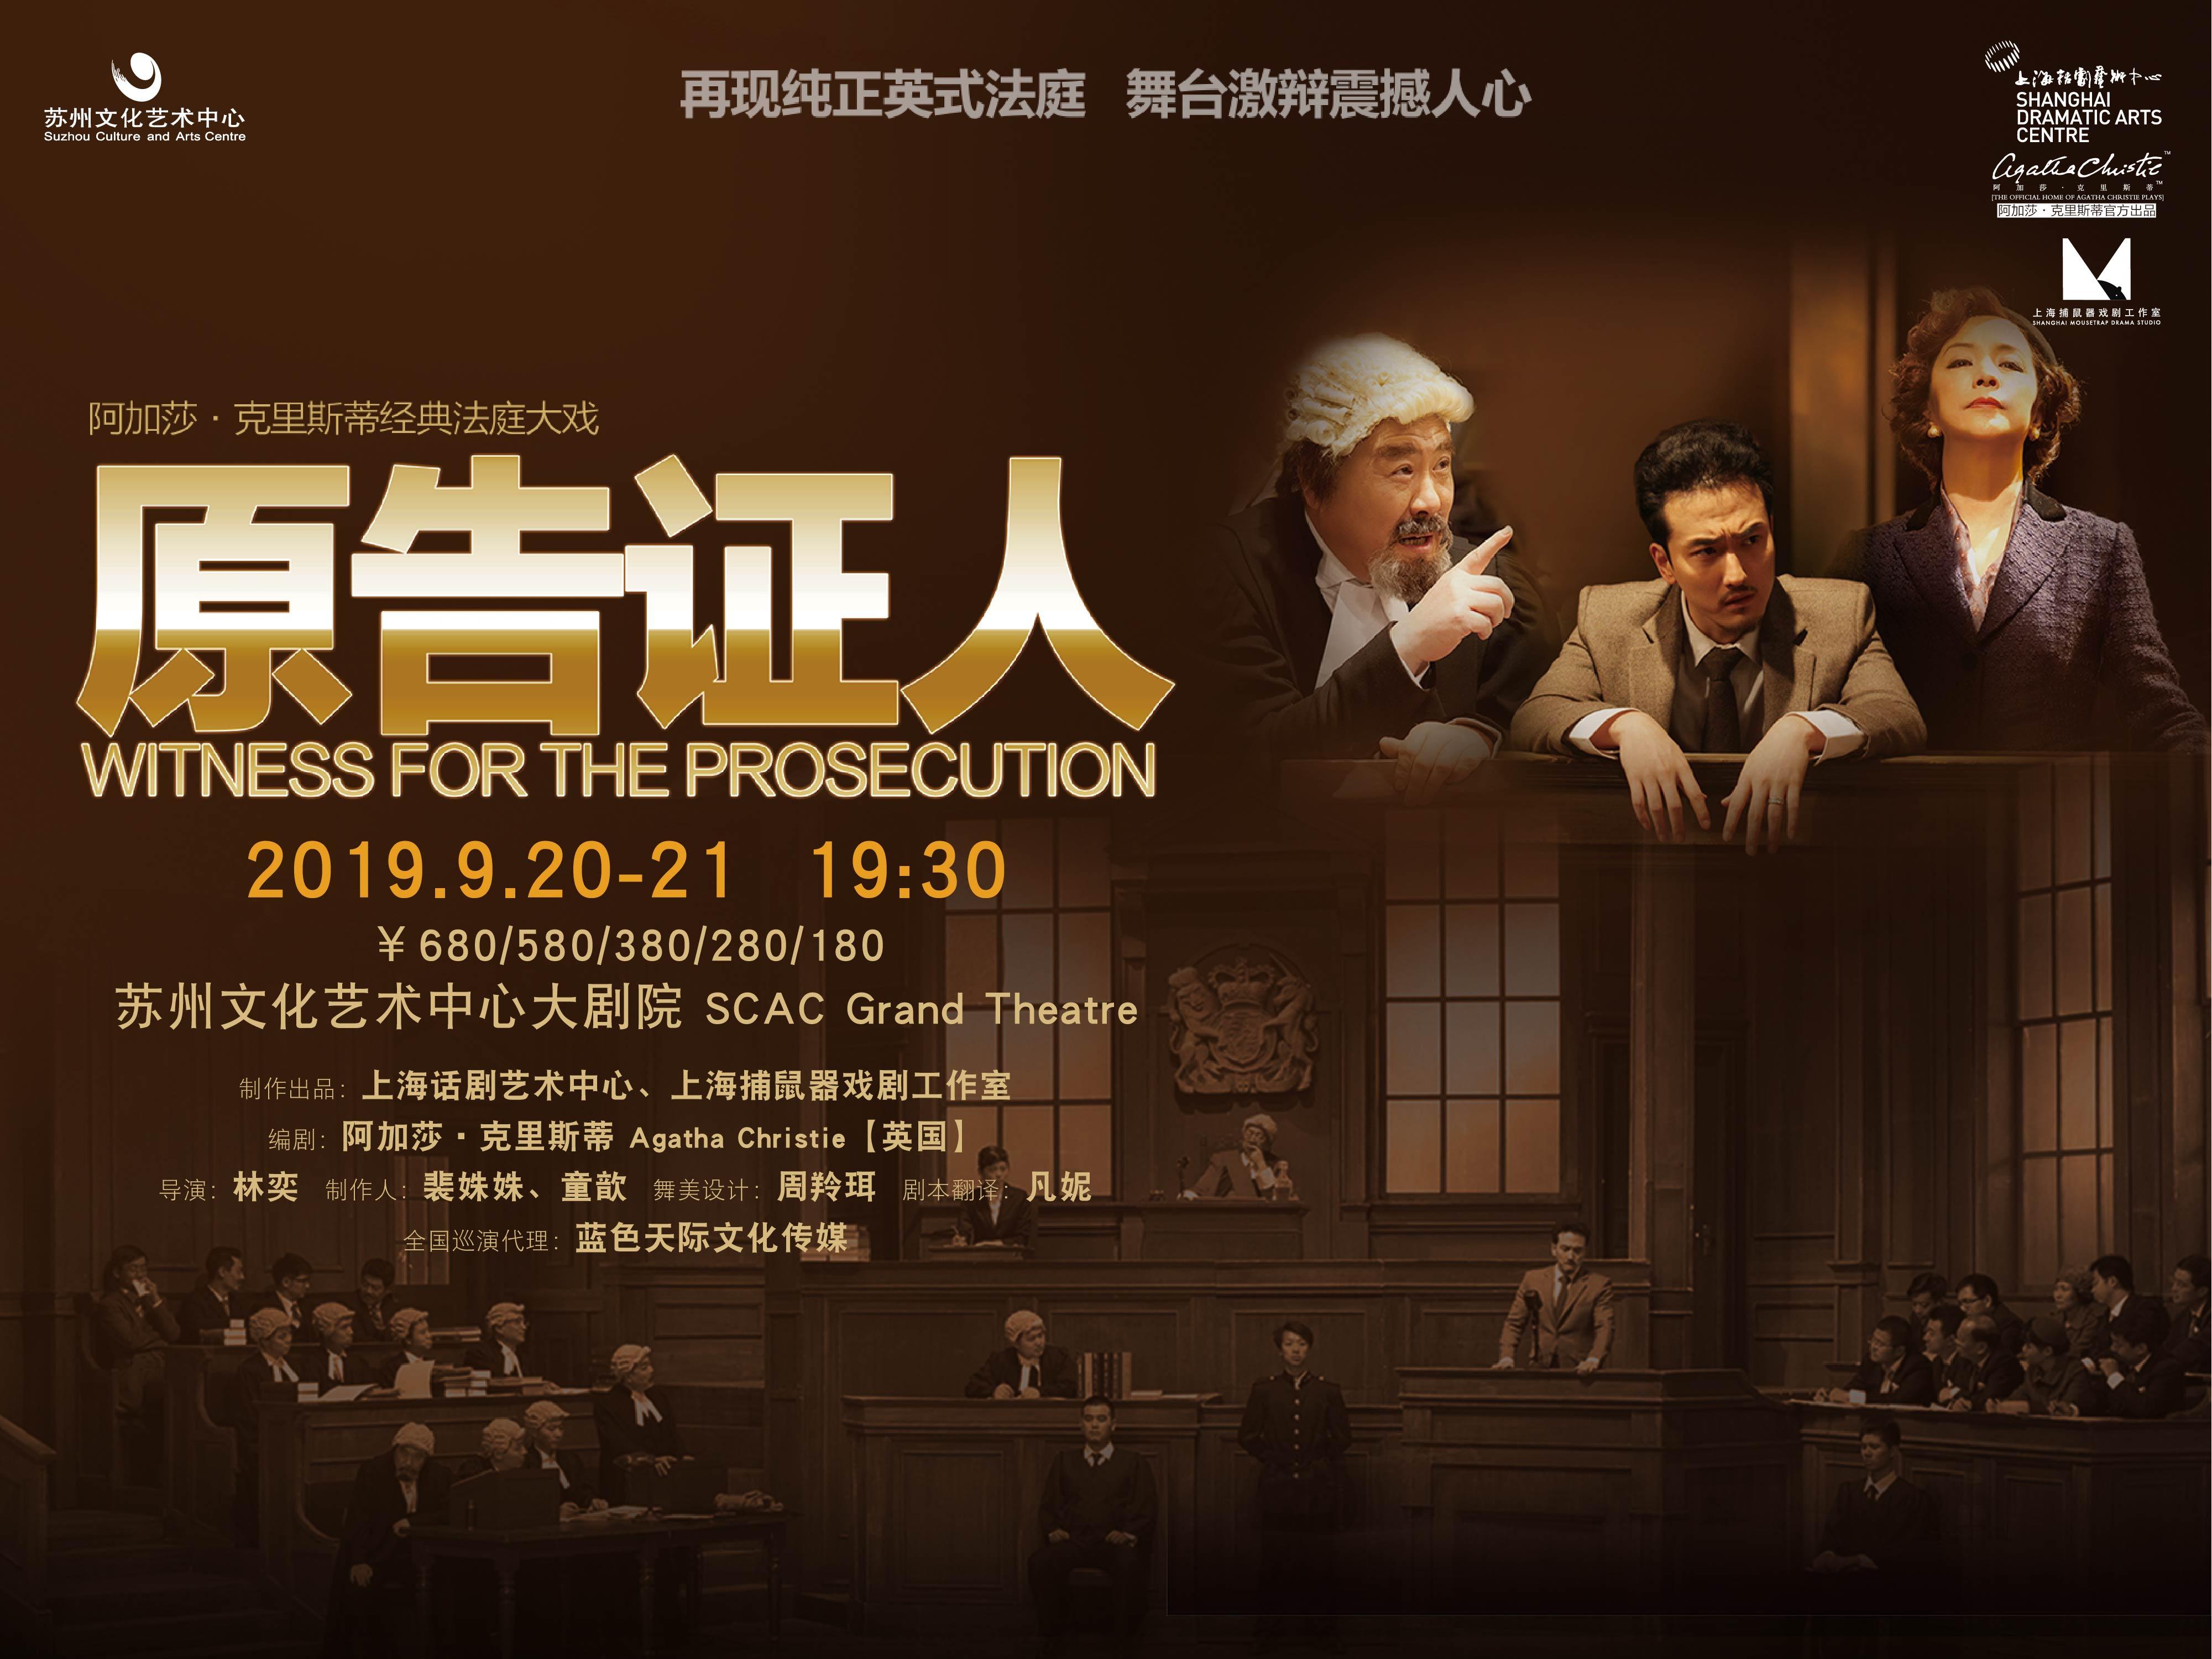 阿加莎·克里斯蒂经典法庭大戏《原告证人》(合作)